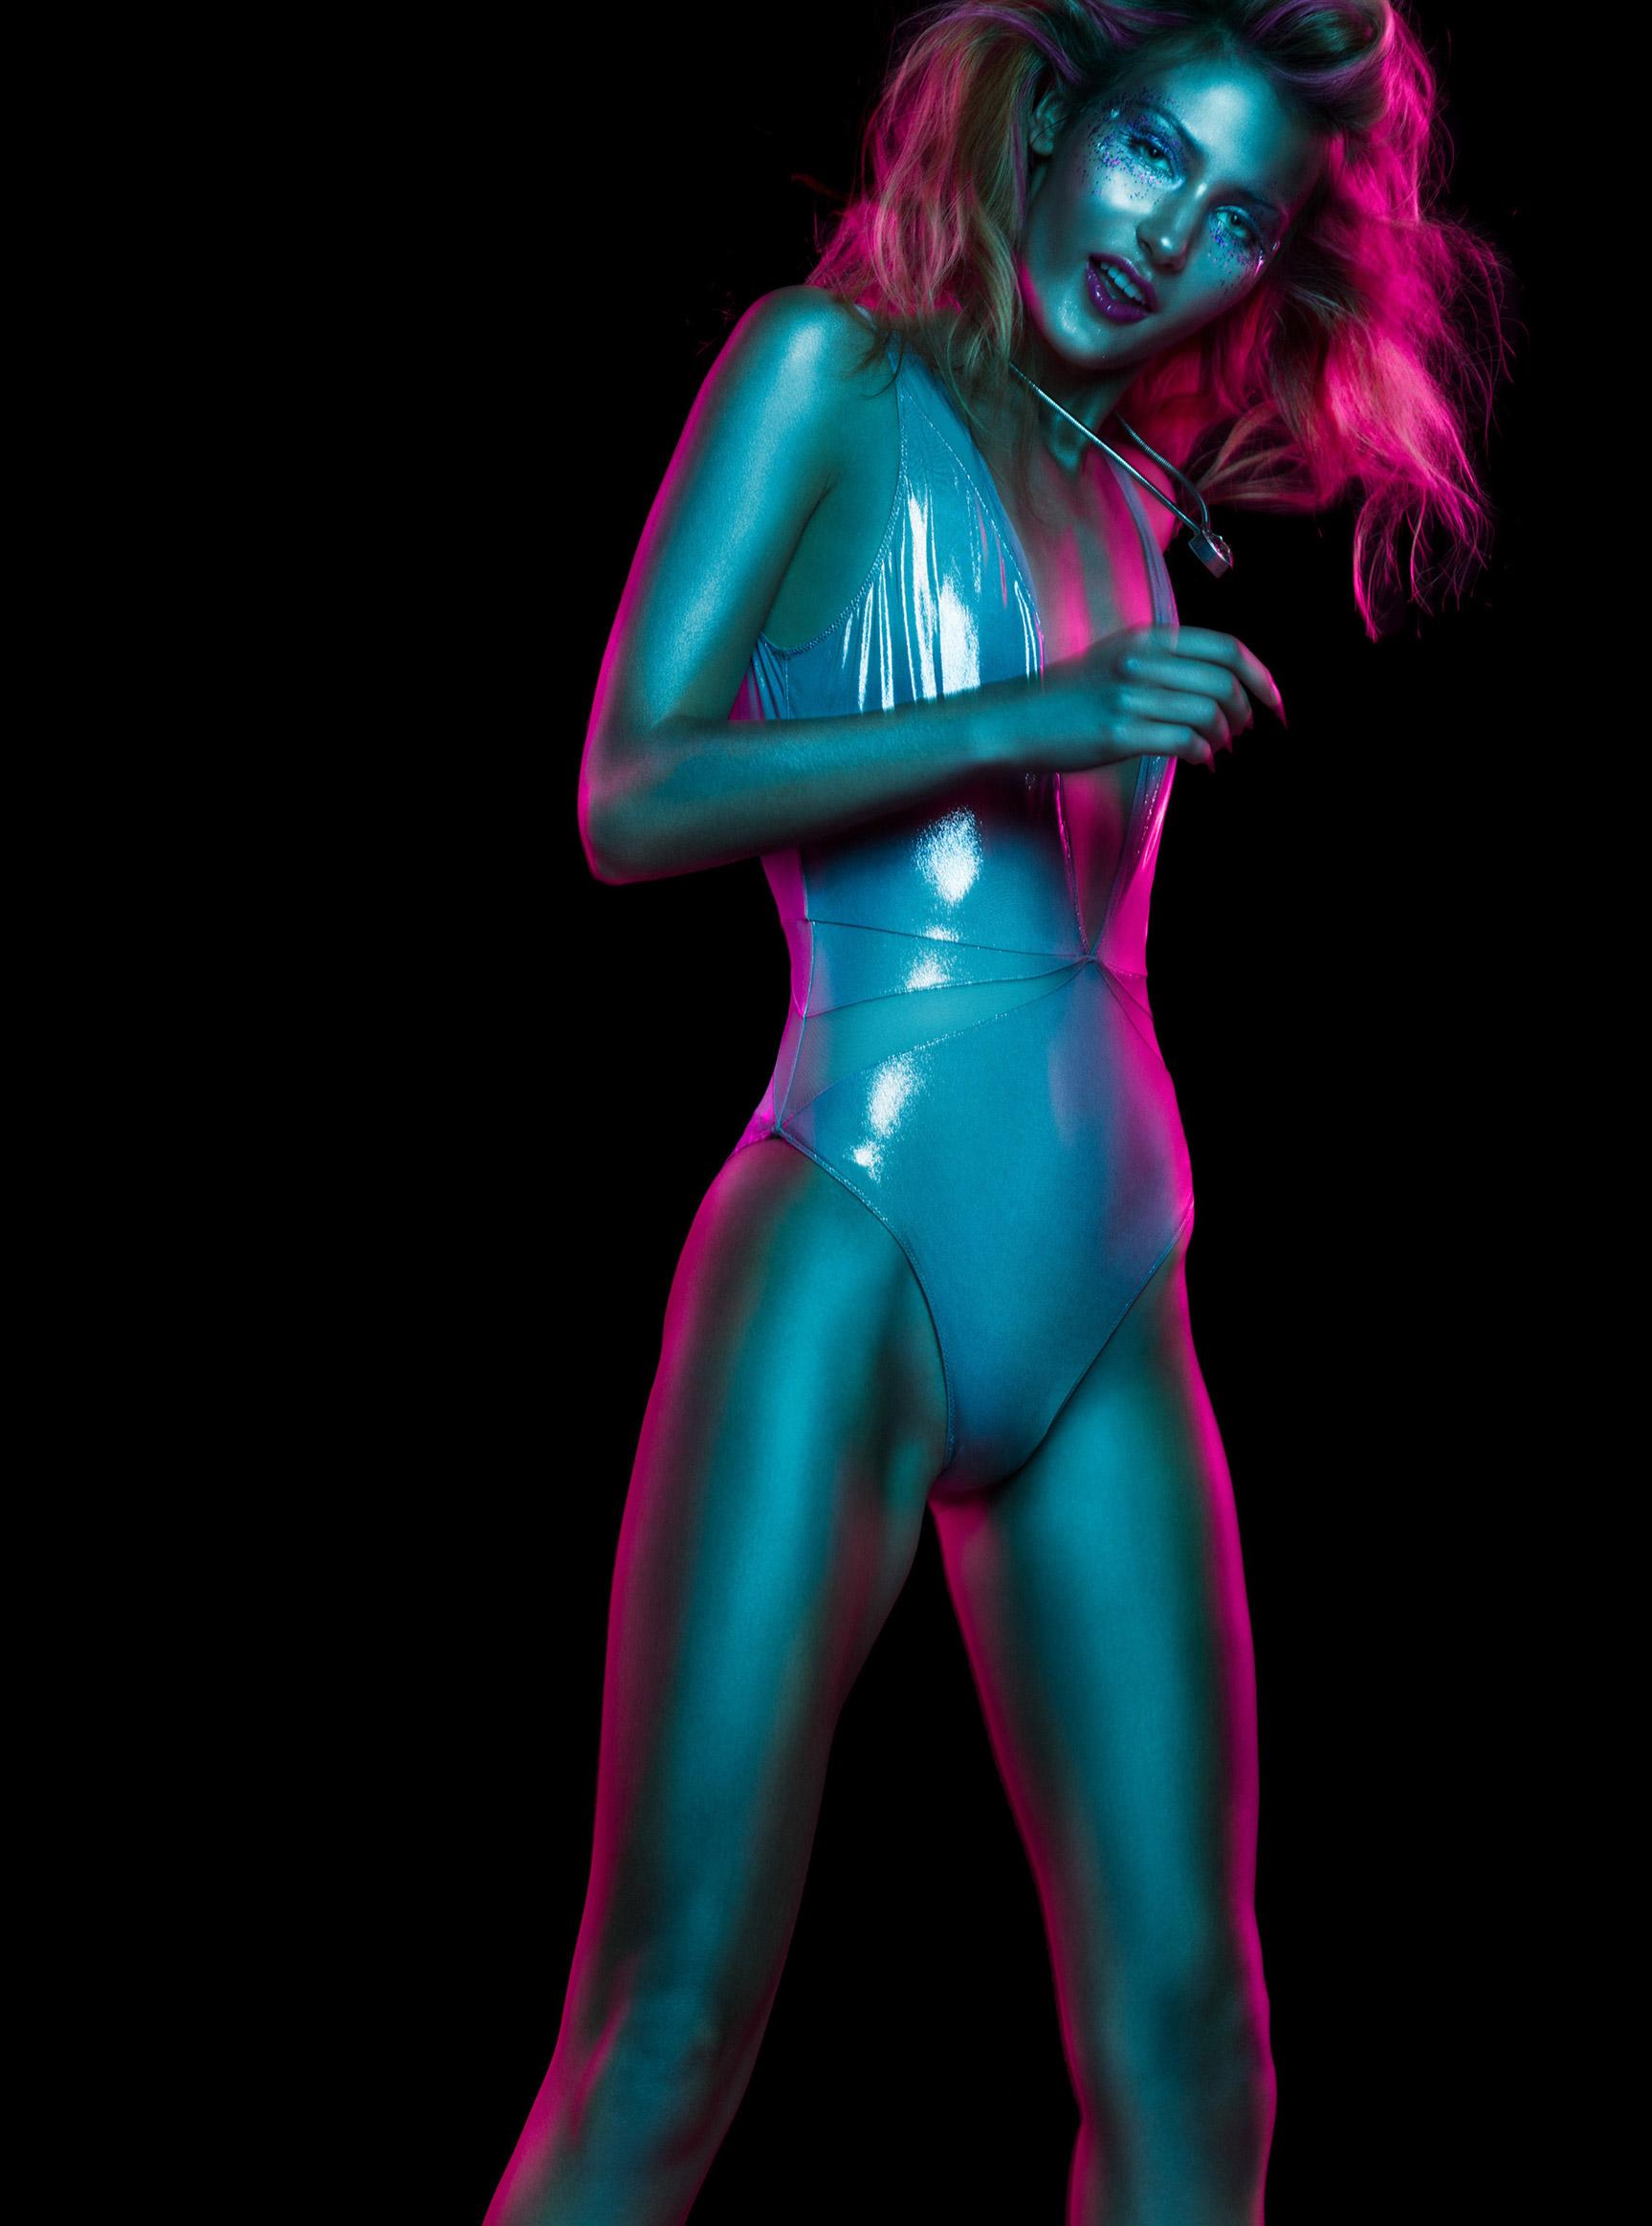 Красивая девушка в отблесках ночи / Рейчел Флинн, фотограф Андре Шнейдер / фото 08